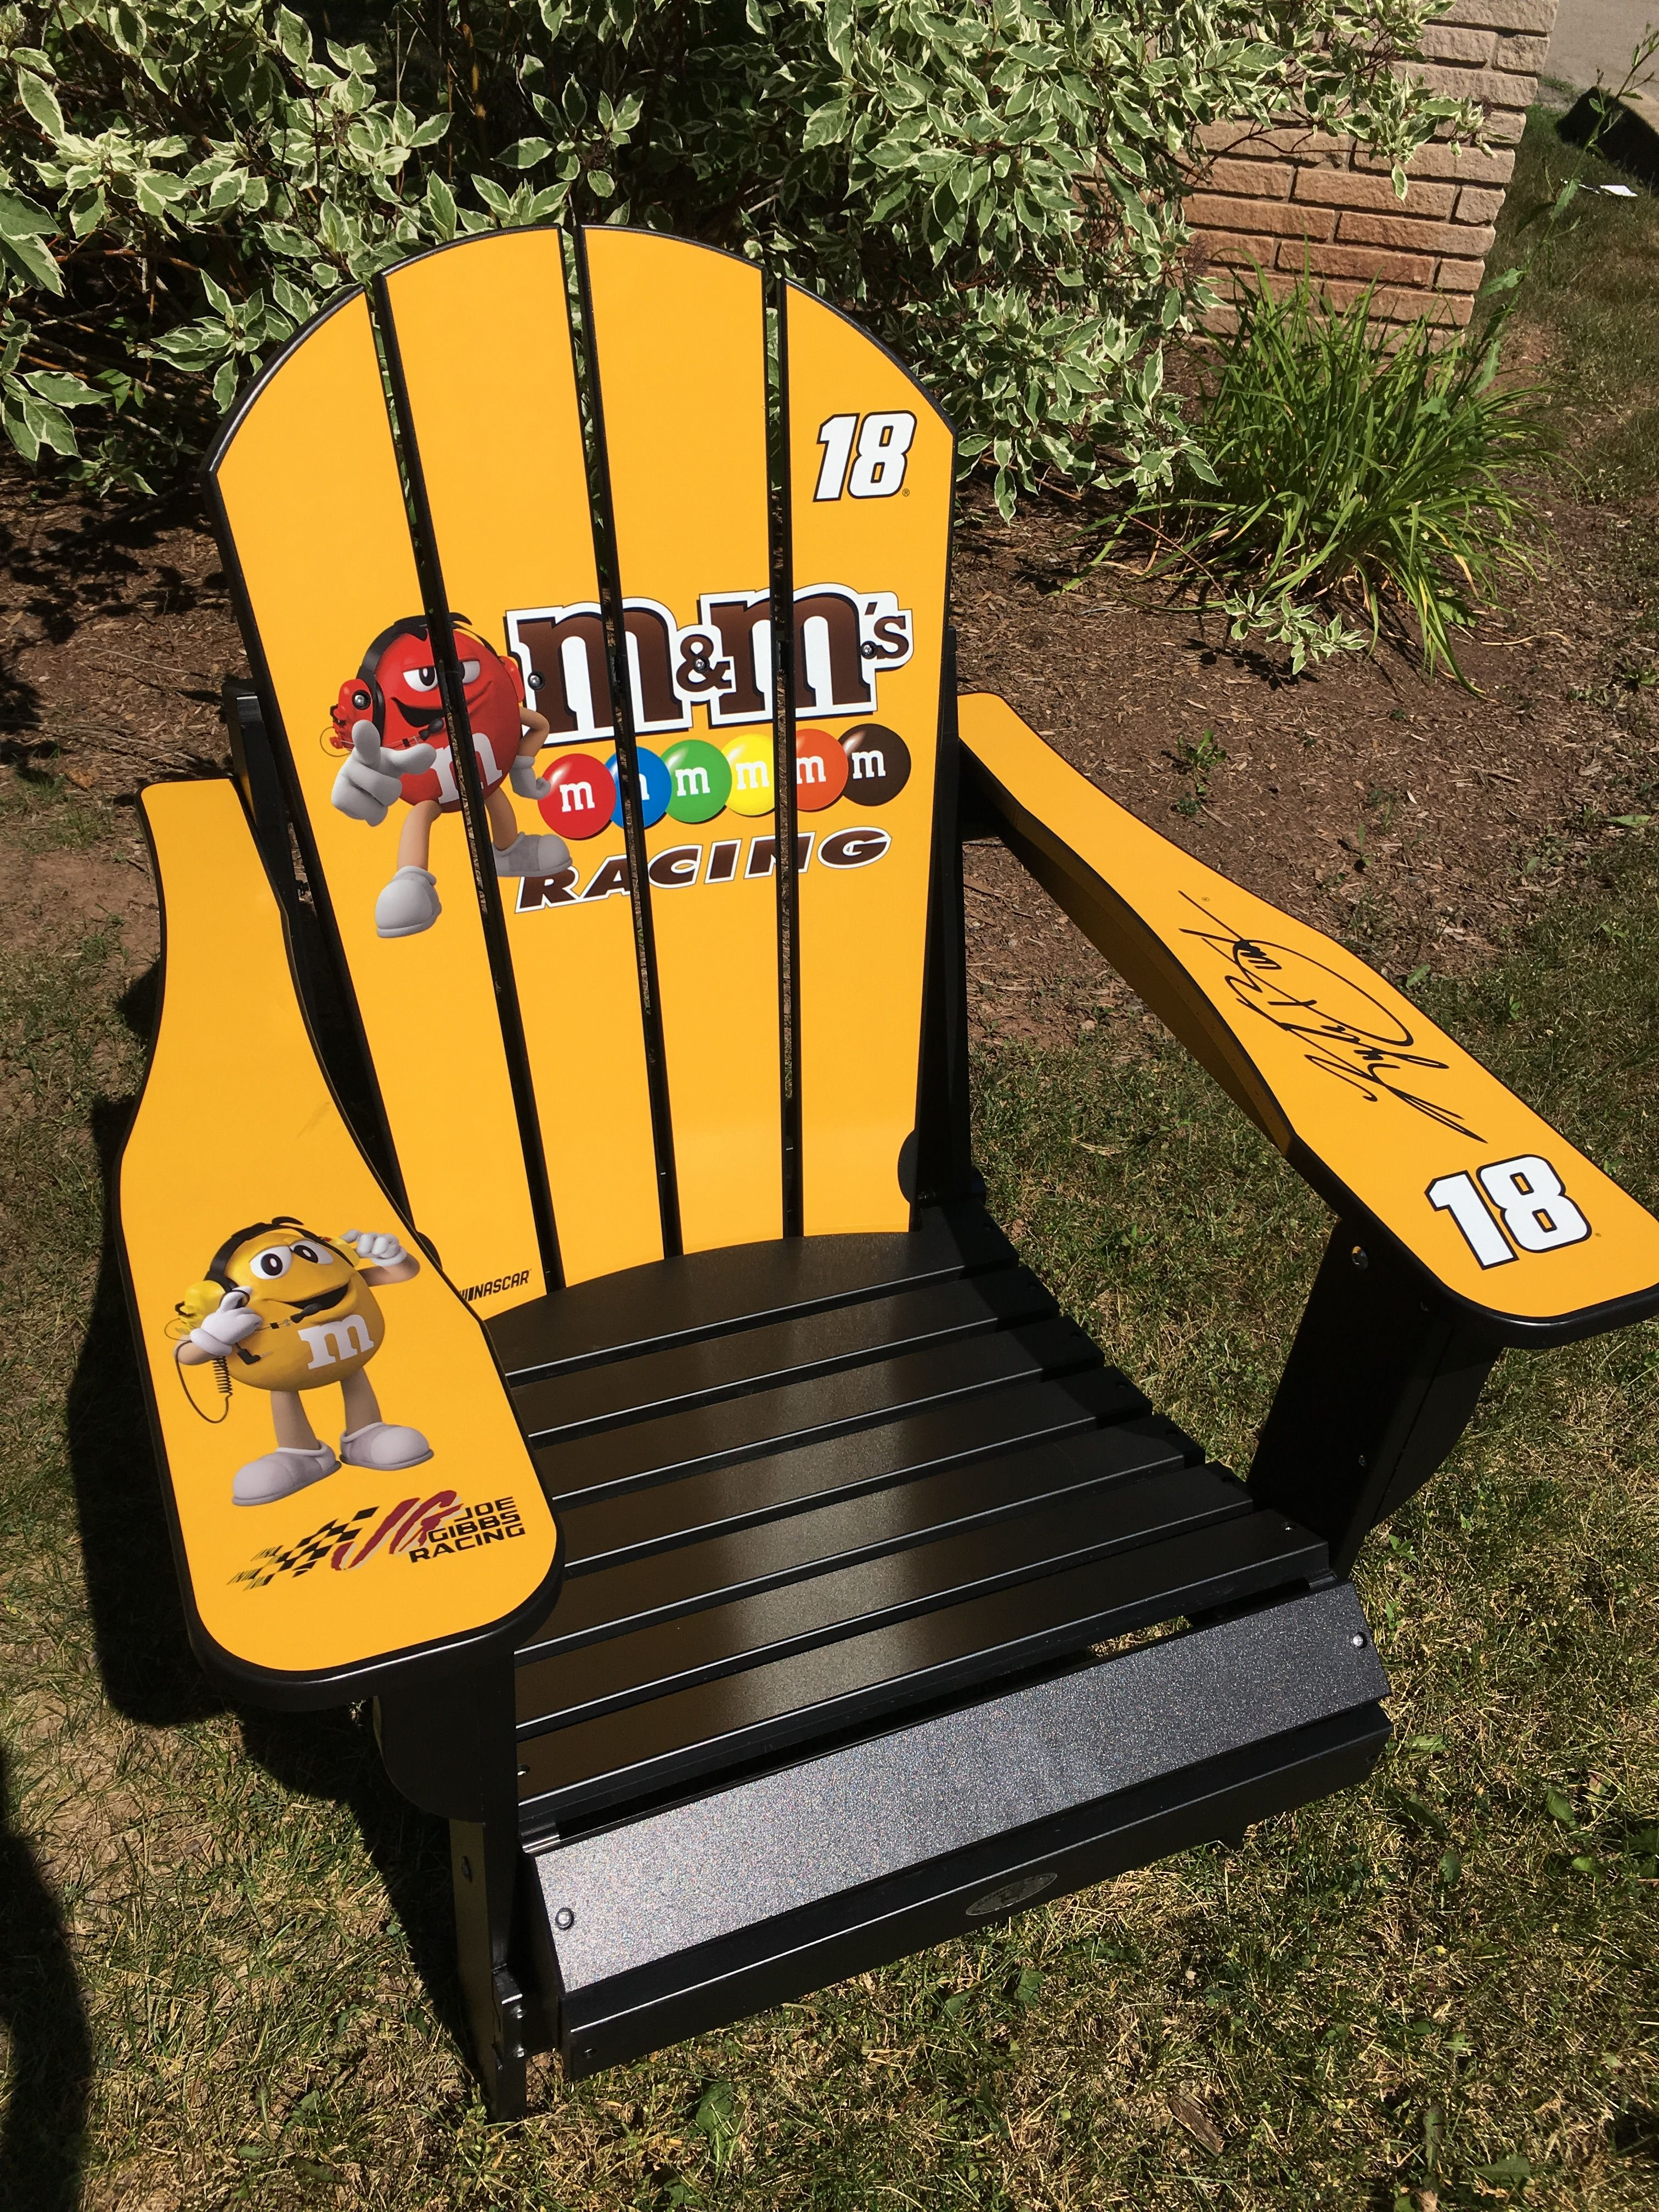 nascar sports chair nascar chairs chair nascar sports rh pinterest com nascar cars for sale nascar chase elliott